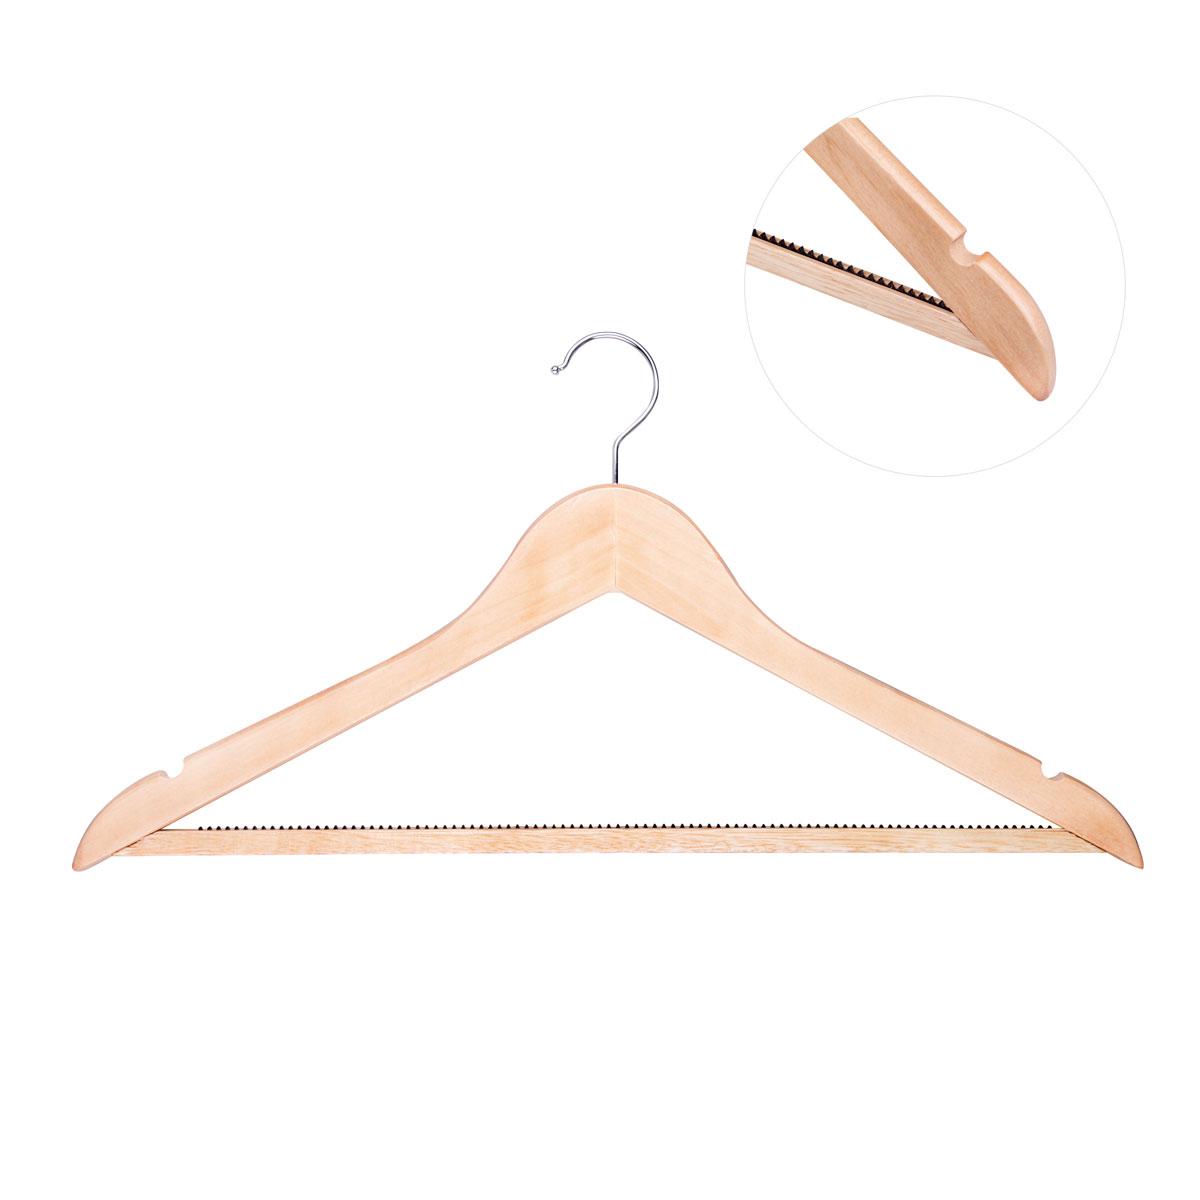 Вешалка для одежды Miolla, изогнутая, 44,5 х 23 х 1,2 см2511005Универсальная вешалка для одежды Miolla выполнена из прочного дерева. Изделие оснащено перекладиной и двумя крючками. Пластиковые зубчики на перекладине предотвращают скольжение. Вешалка - это незаменимая вещь для того, чтобы ваша одежда всегда оставалась в хорошем состоянии.